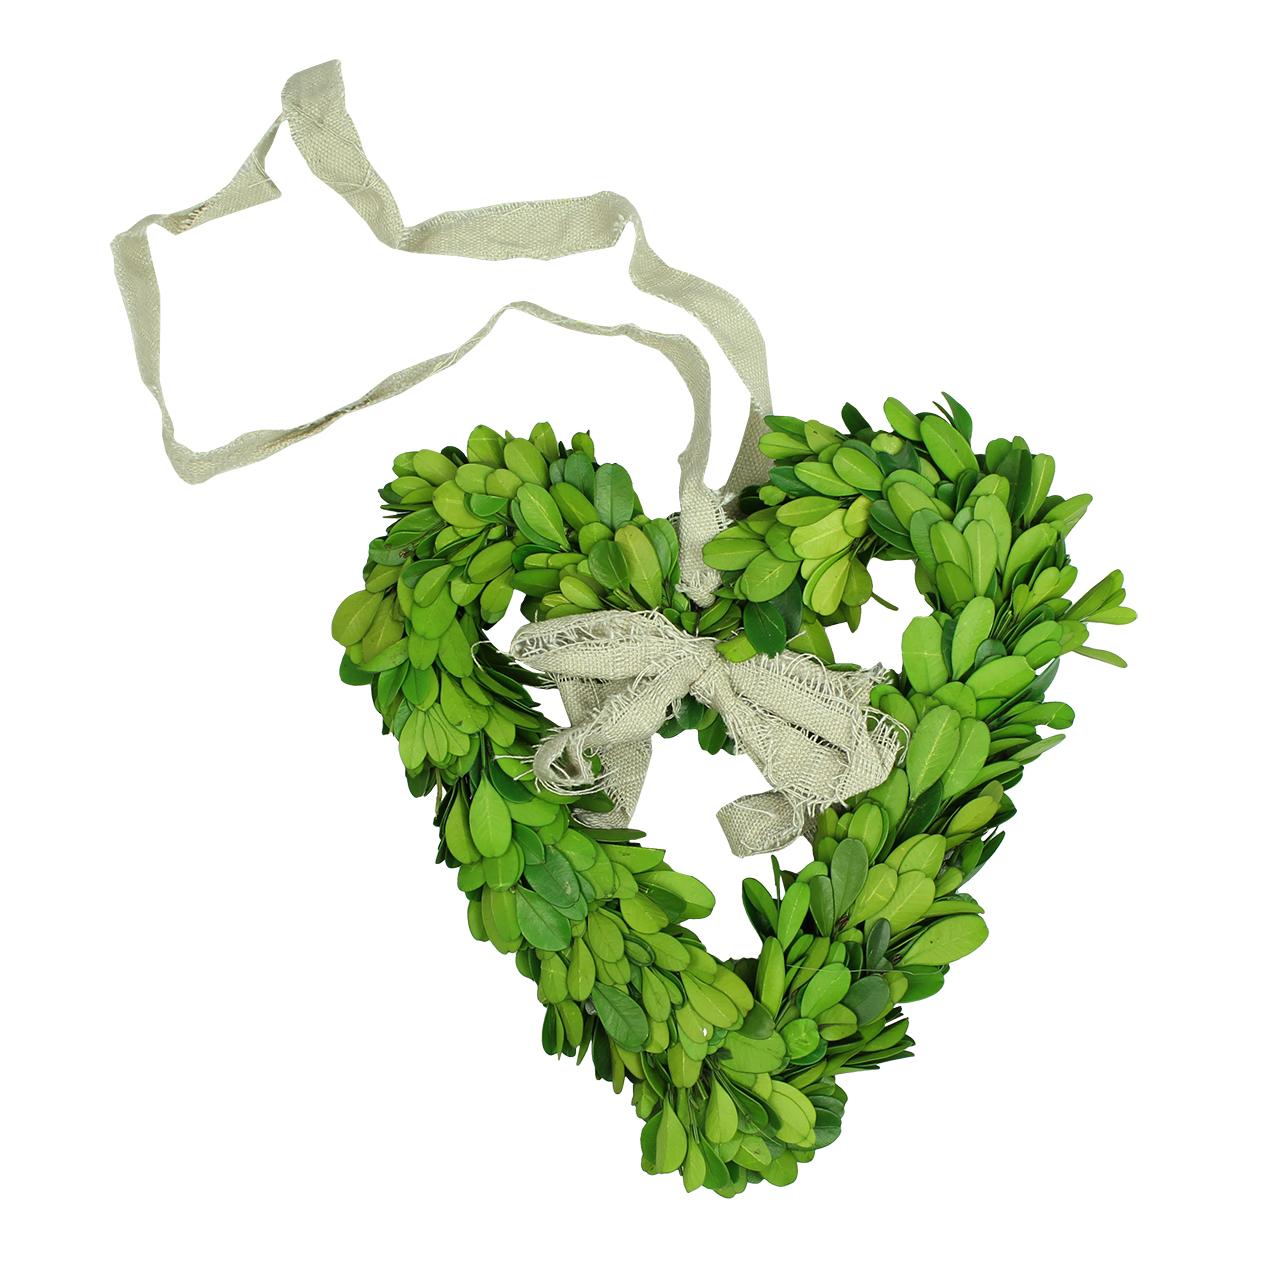 Coronita decorativa inima din buxus verde 15 cm chicville 2021